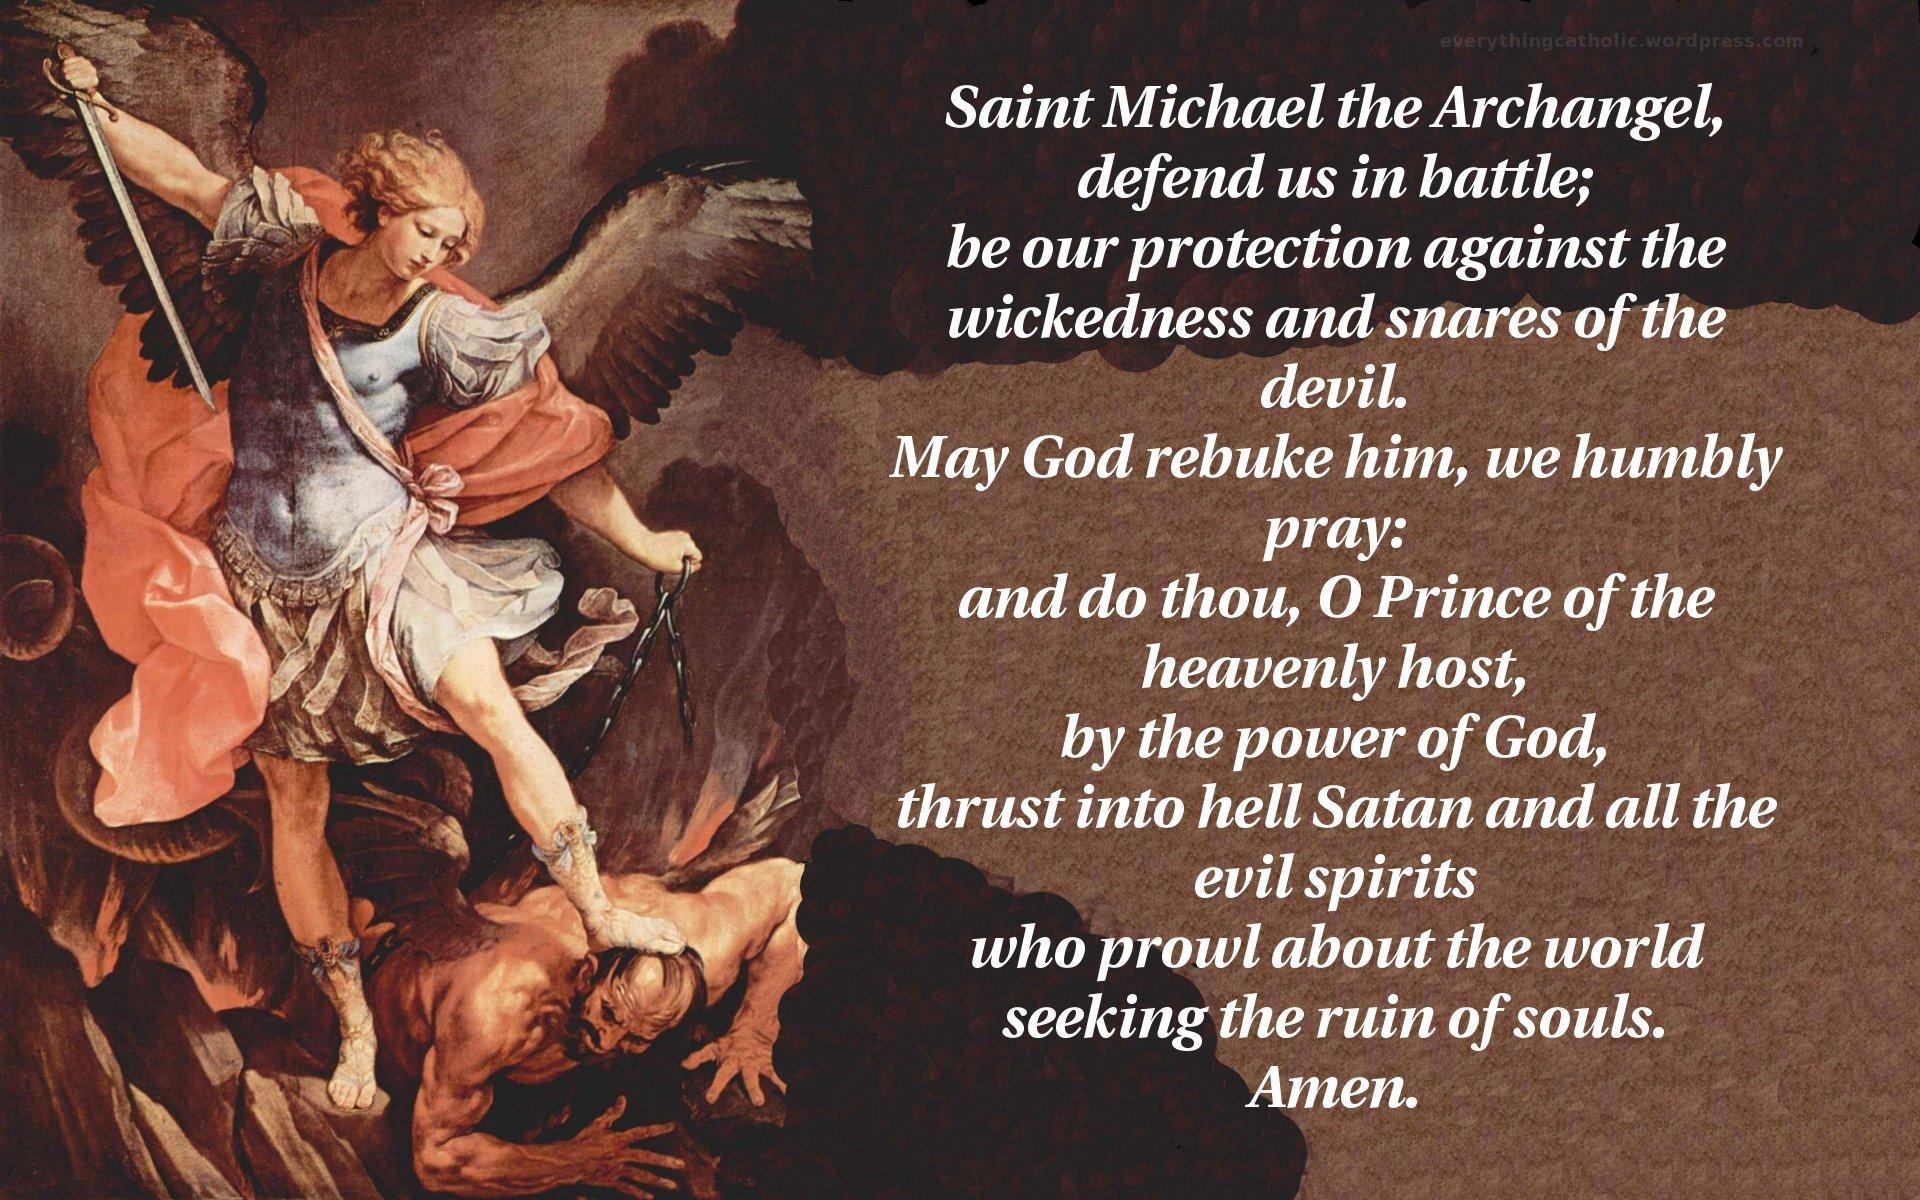 Saint Michael the Archangel